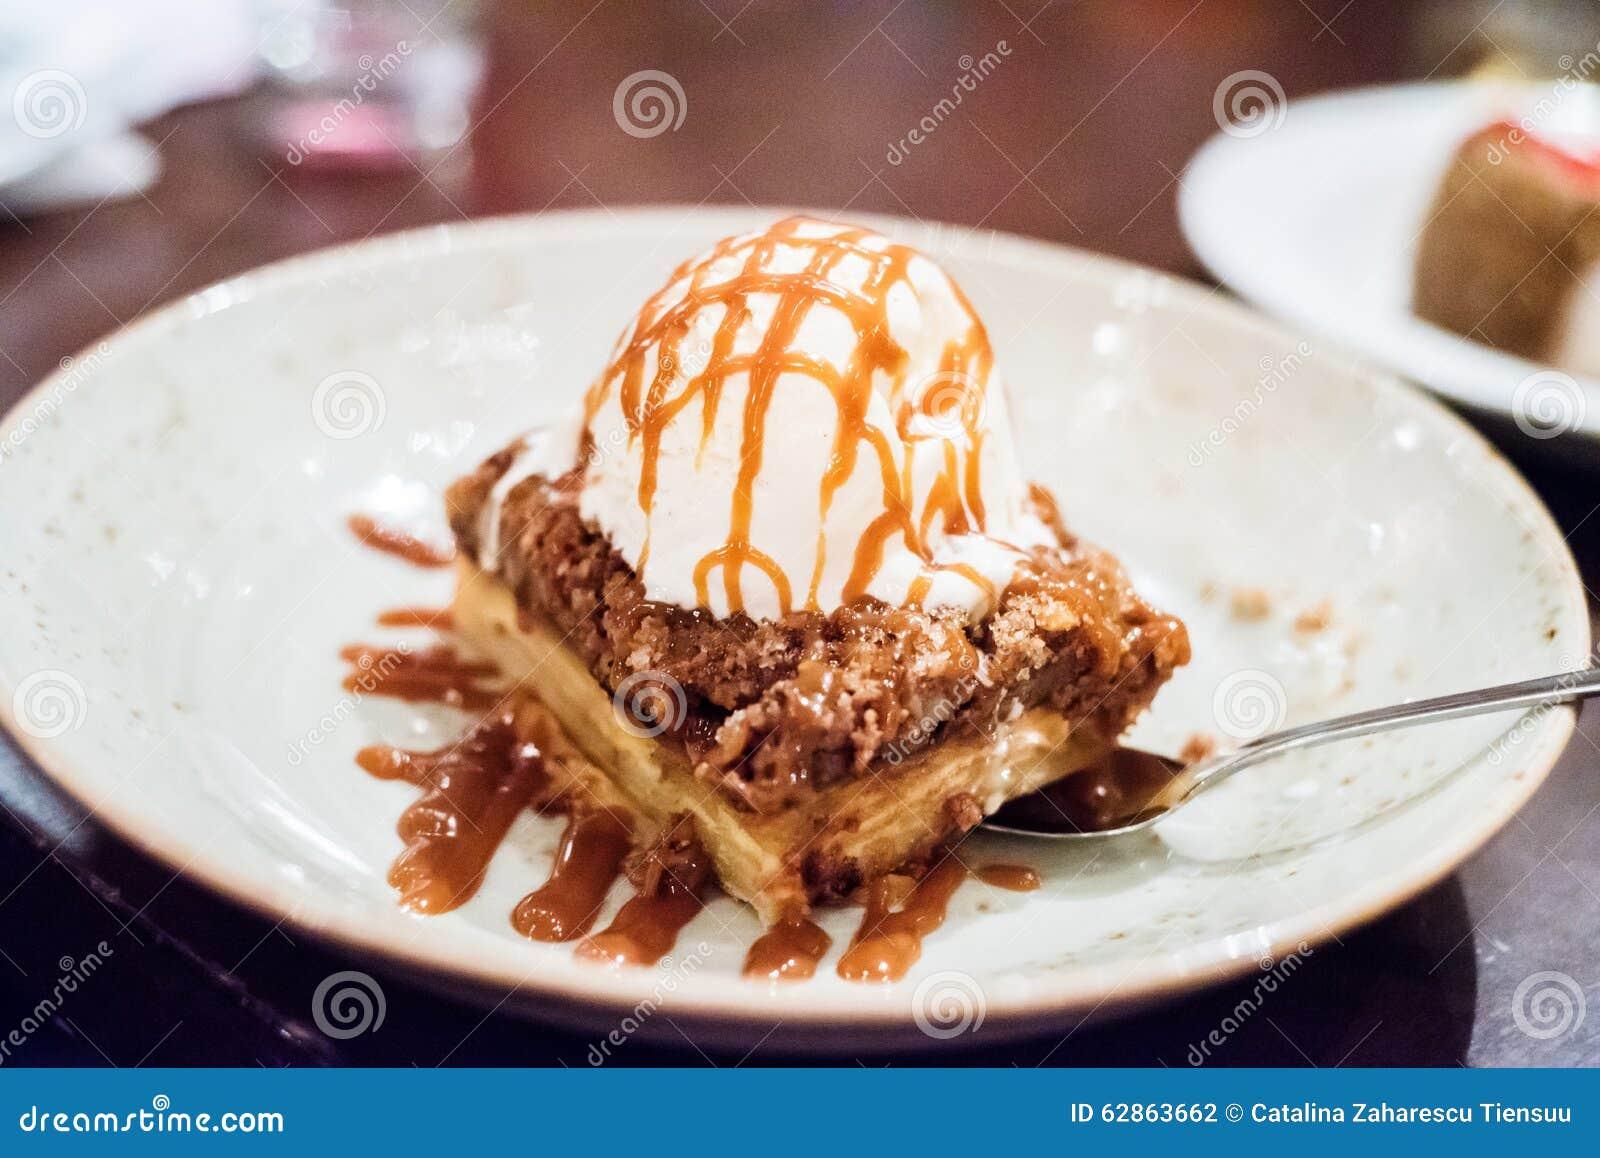 Apple skomakare med vaniljglass